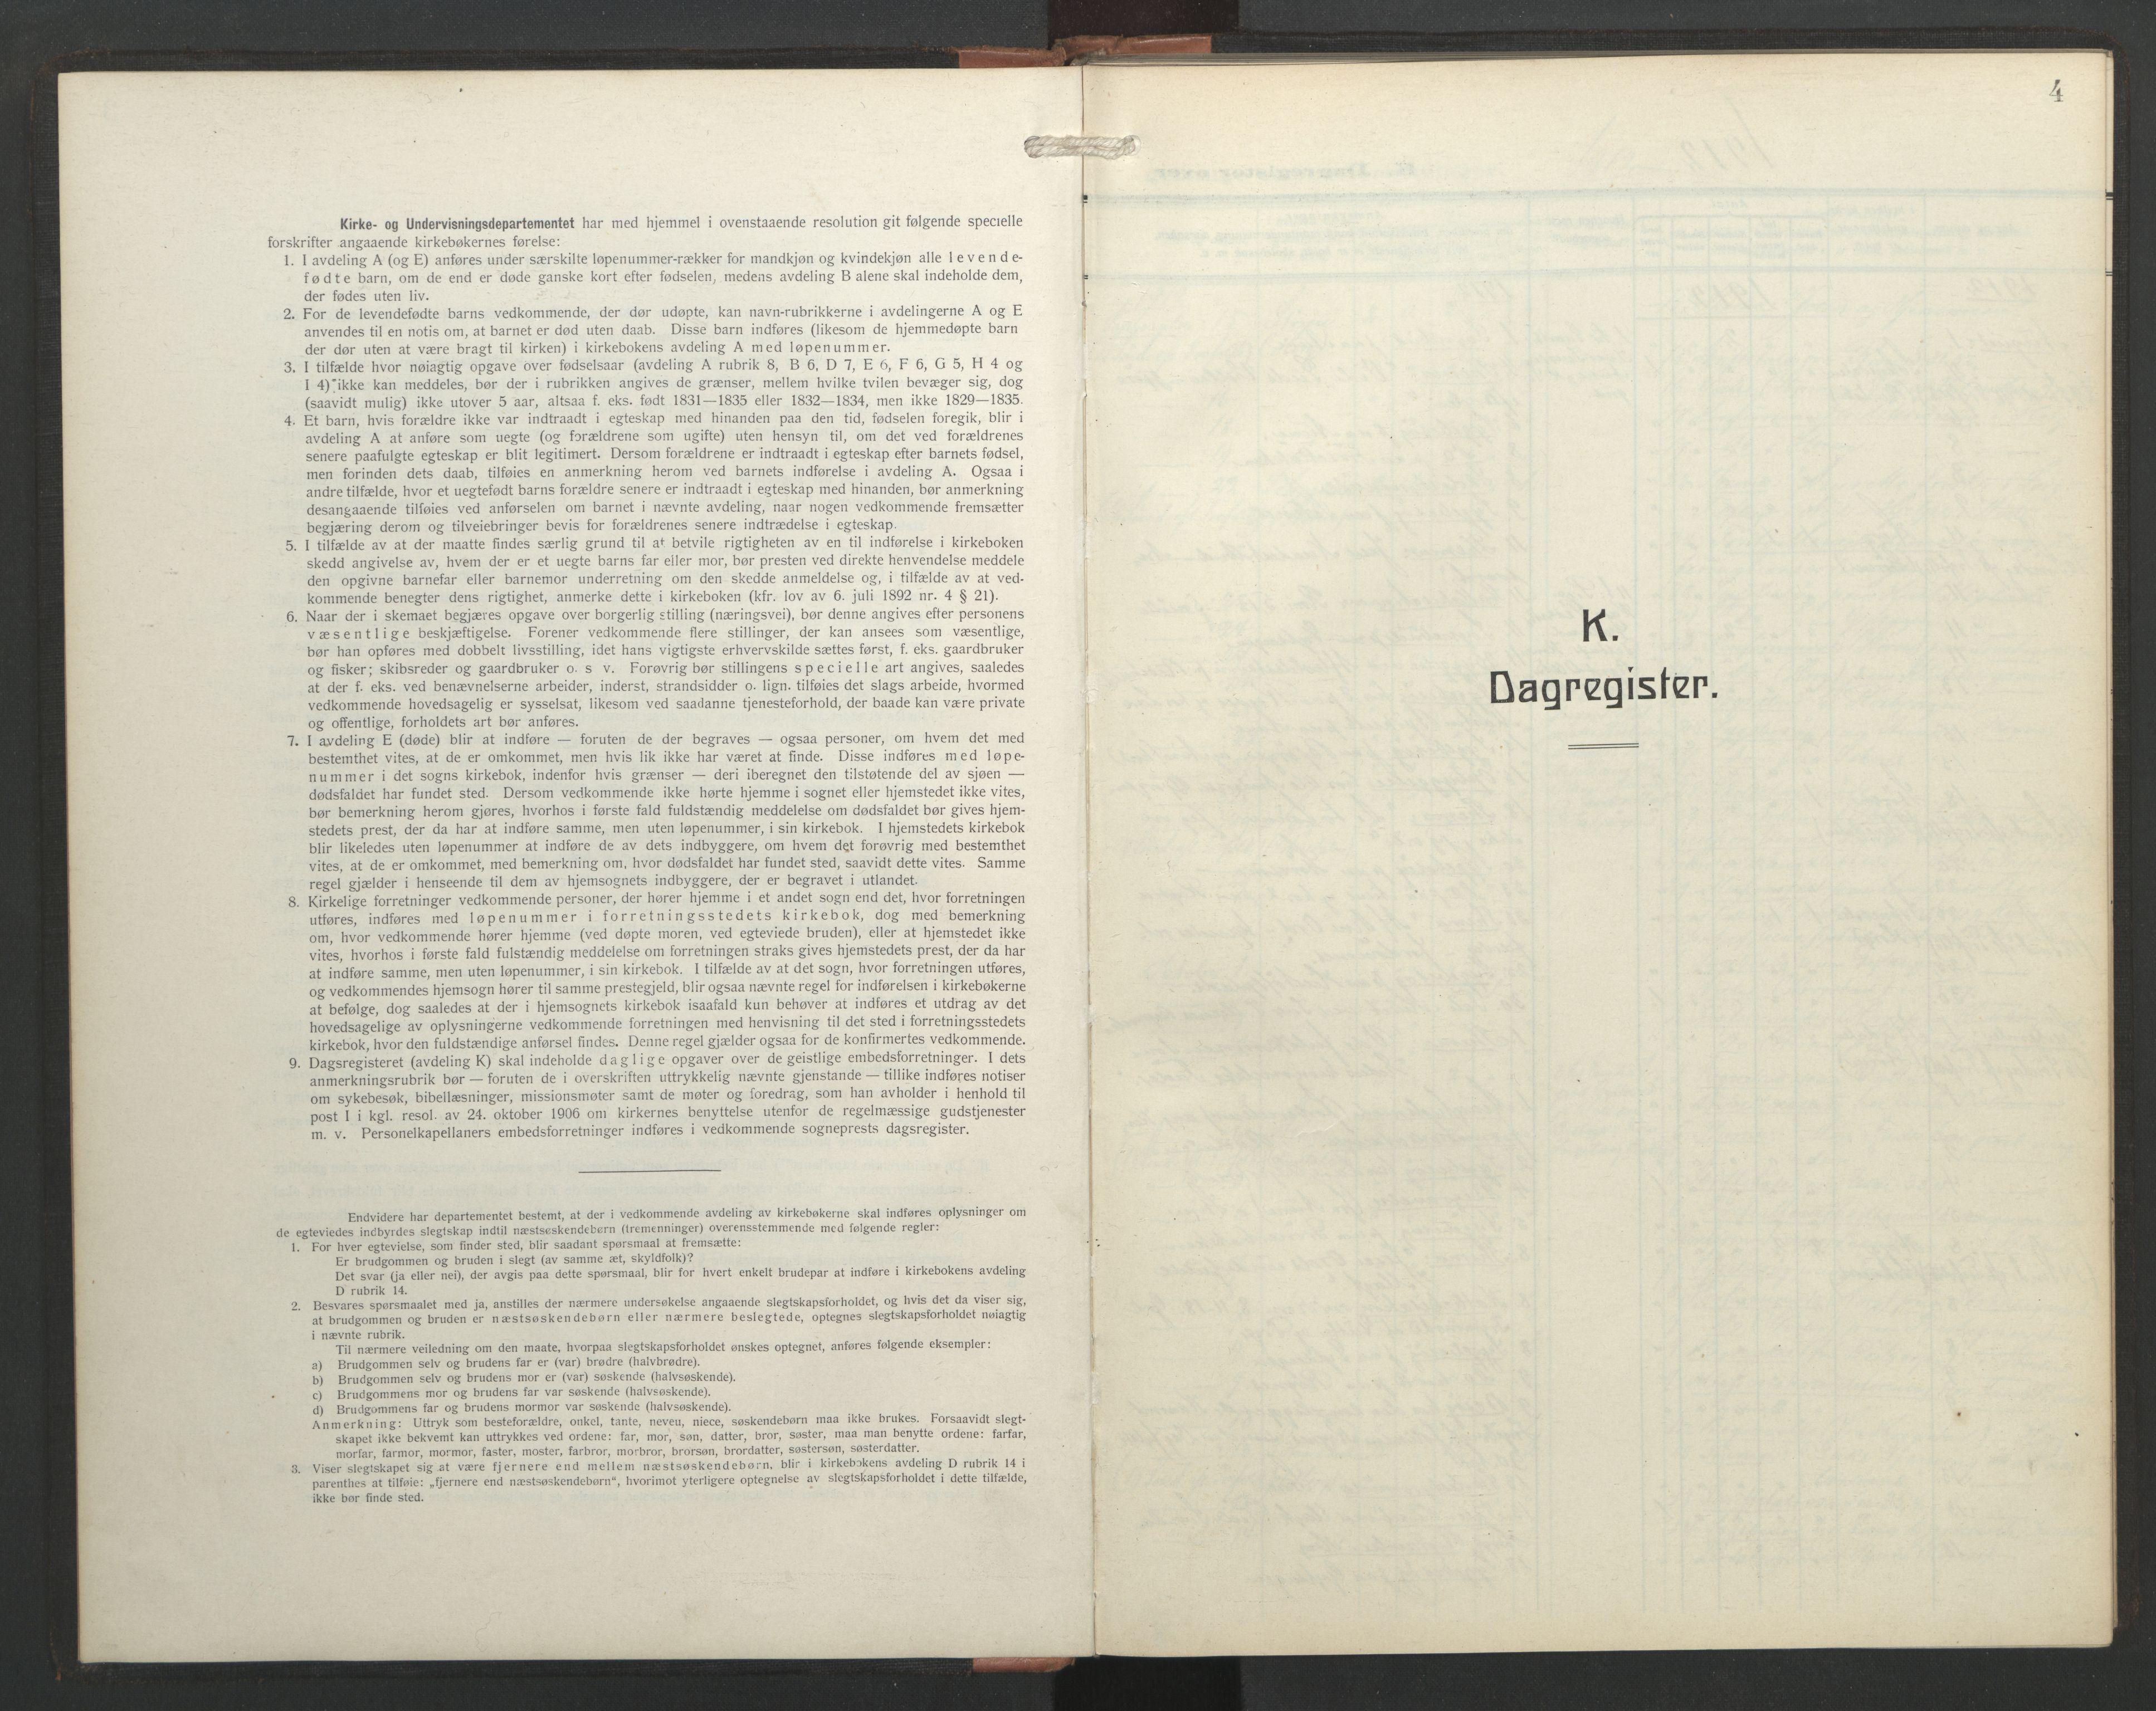 SAT, Ministerialprotokoller, klokkerbøker og fødselsregistre - Sør-Trøndelag, 687/L1006: Dagregister nr. 687A12, 1912-1931, s. 4